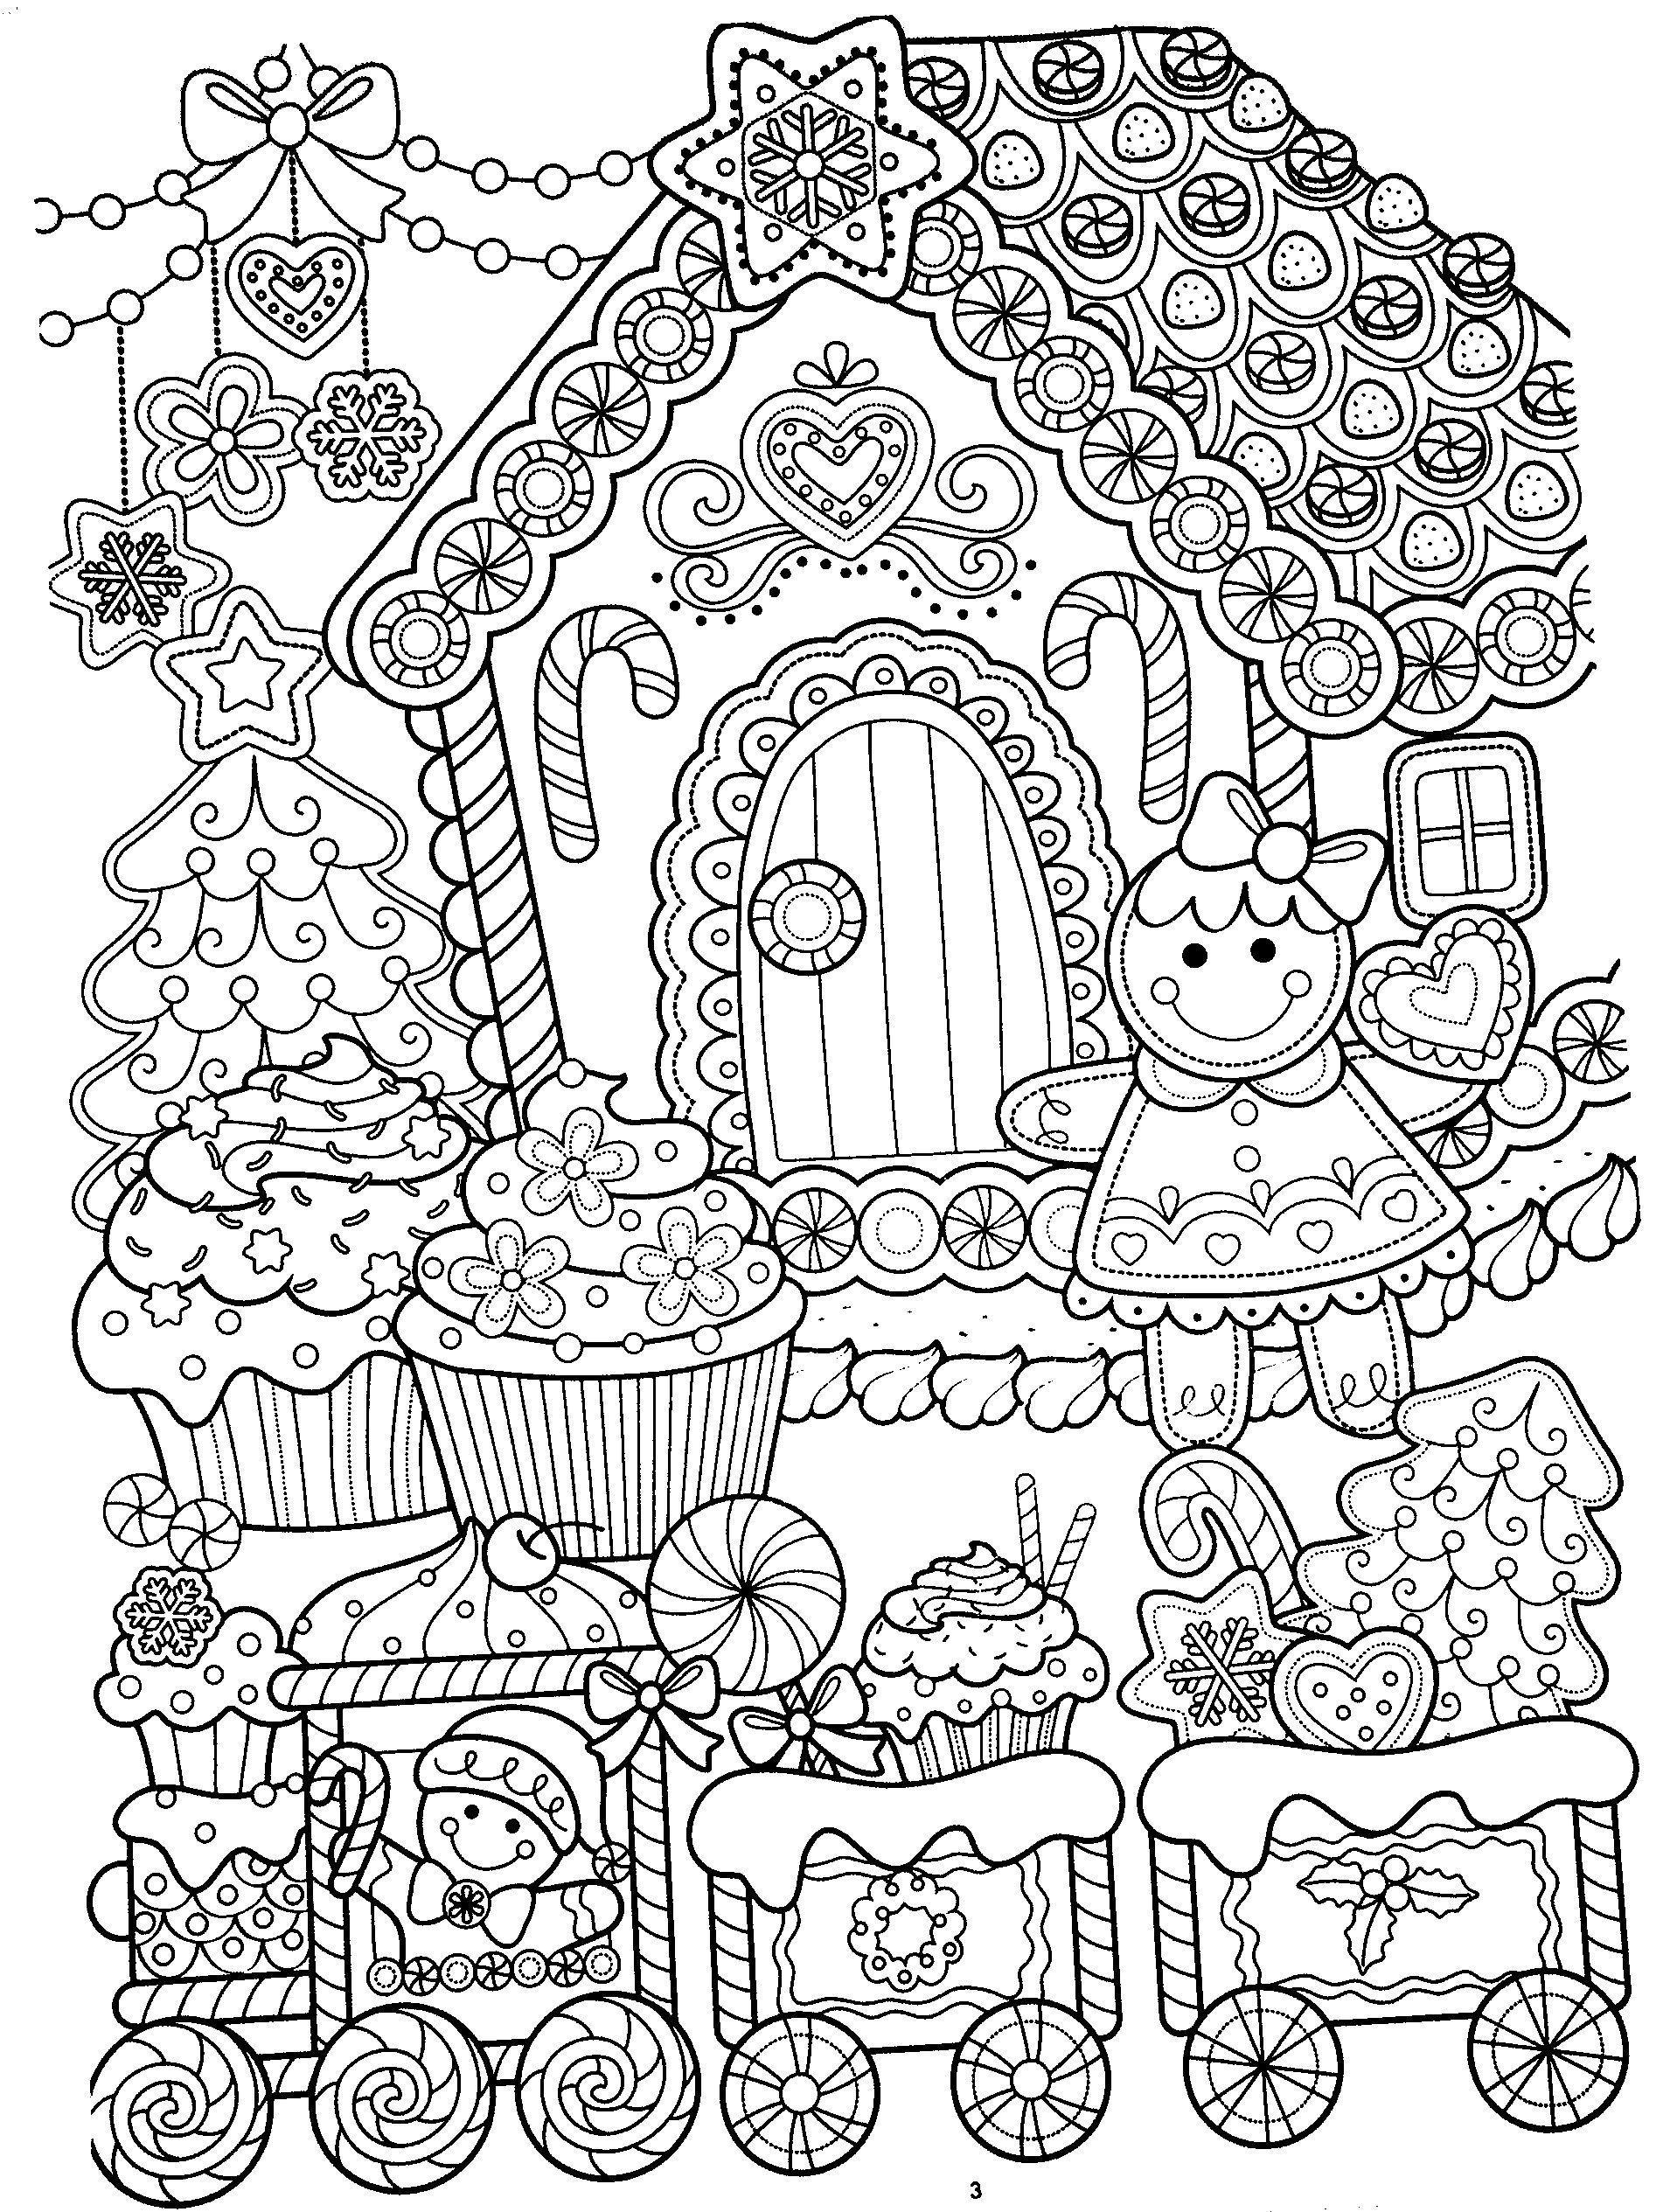 New Year Coloring Pages Christmas Coloring Pages Adultcoloringpages New Year Coloring Weihnachten Zum Ausmalen Weihnachtsmalvorlagen Malvorlagen Weihnachten